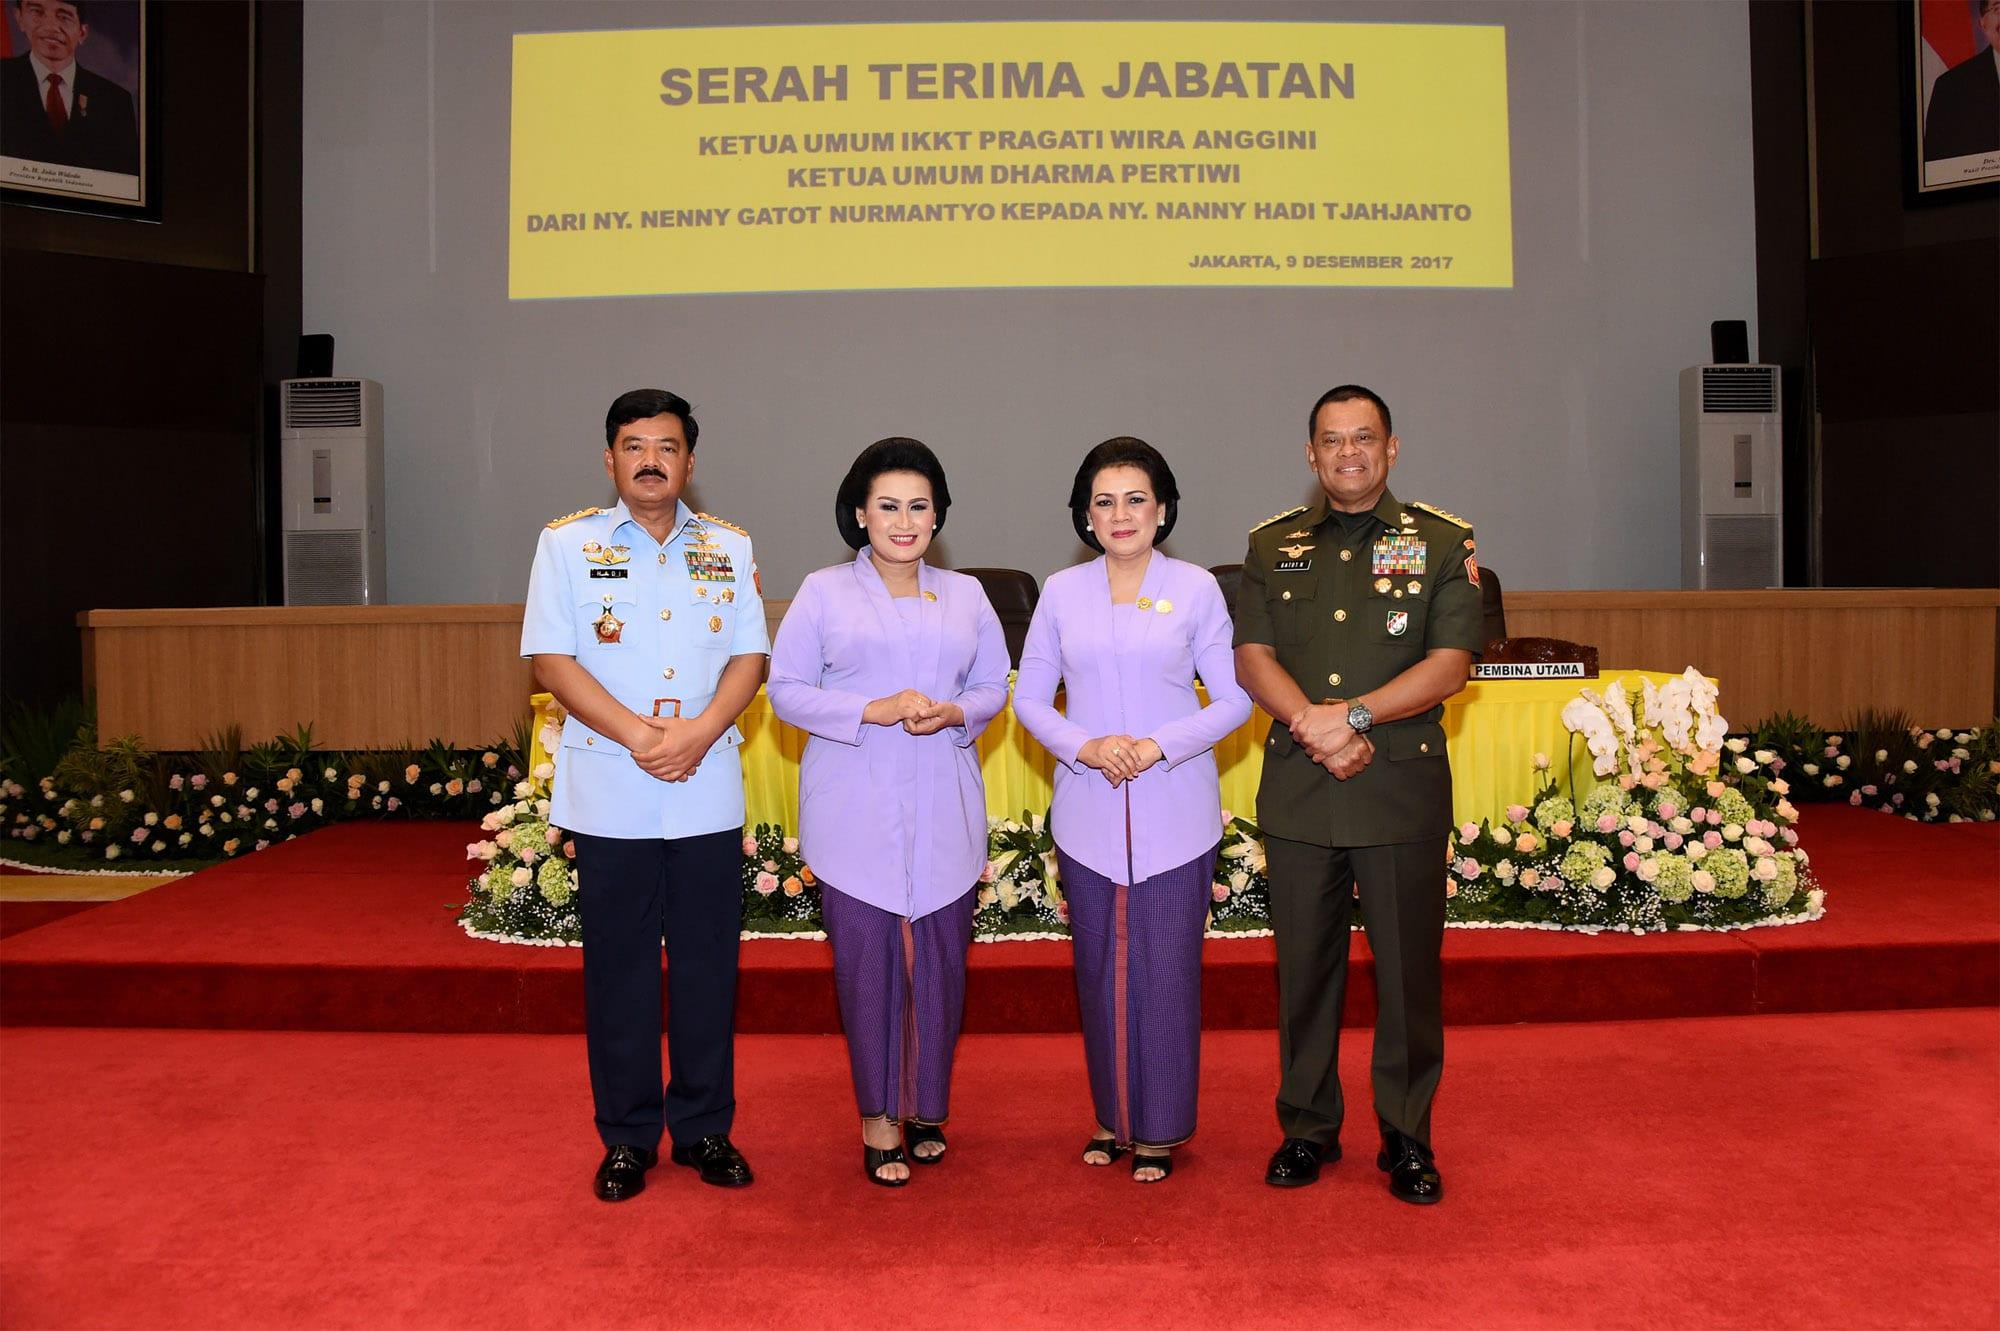 Panglima TNI Harap Organisasi Istri Prajurit Berperan Lebih Optimal